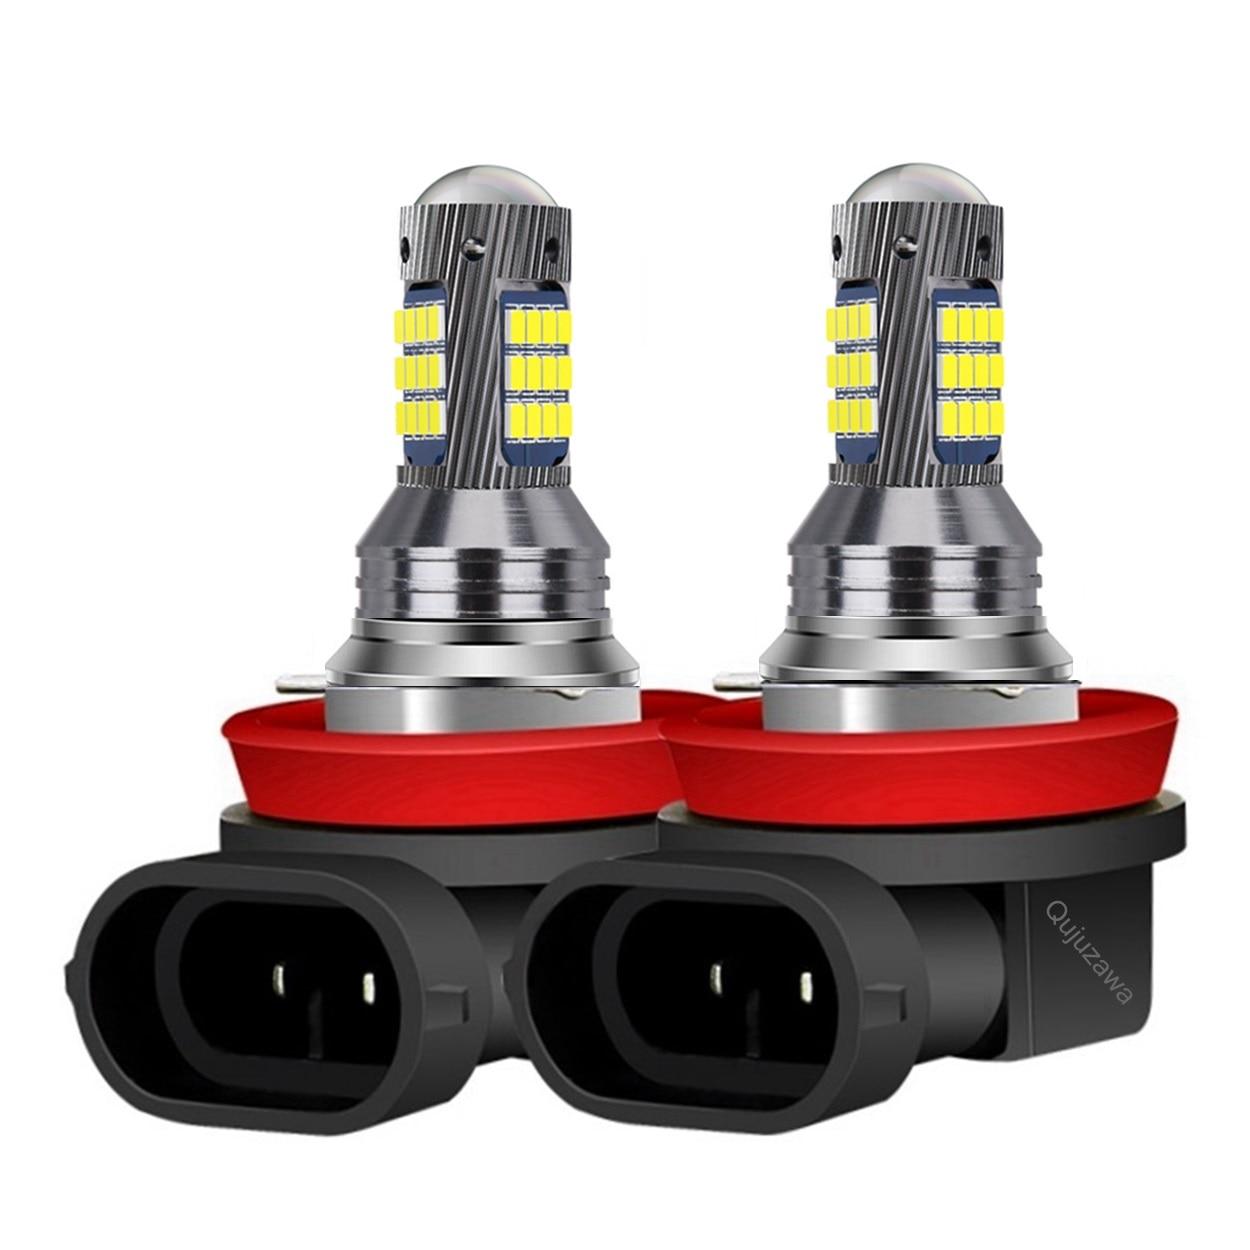 2 sztuk H1 H3 H11 H8 9006 HB4 881 880 H27 wysokiej jakości 2016 LED lampa przeciwmgielna do samochodów samochodów Anti żarówka do lampy przeciwmgielnej Foglamps 6000K biały